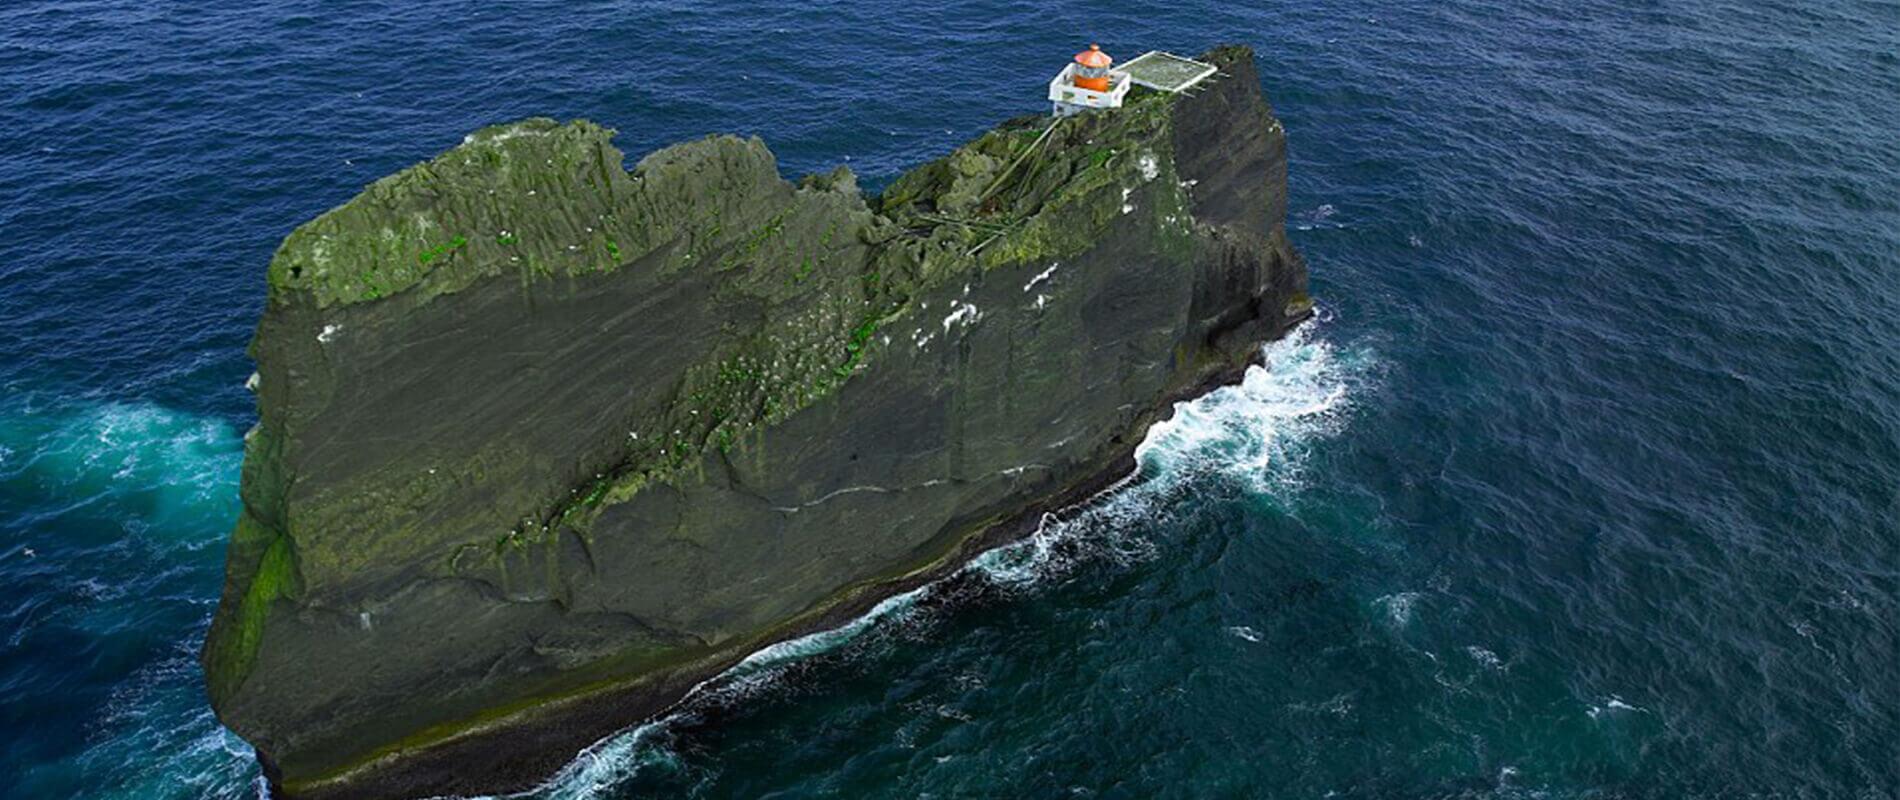 Il Faro di Thridarangar, uno dei luoghi più isolati al mondo